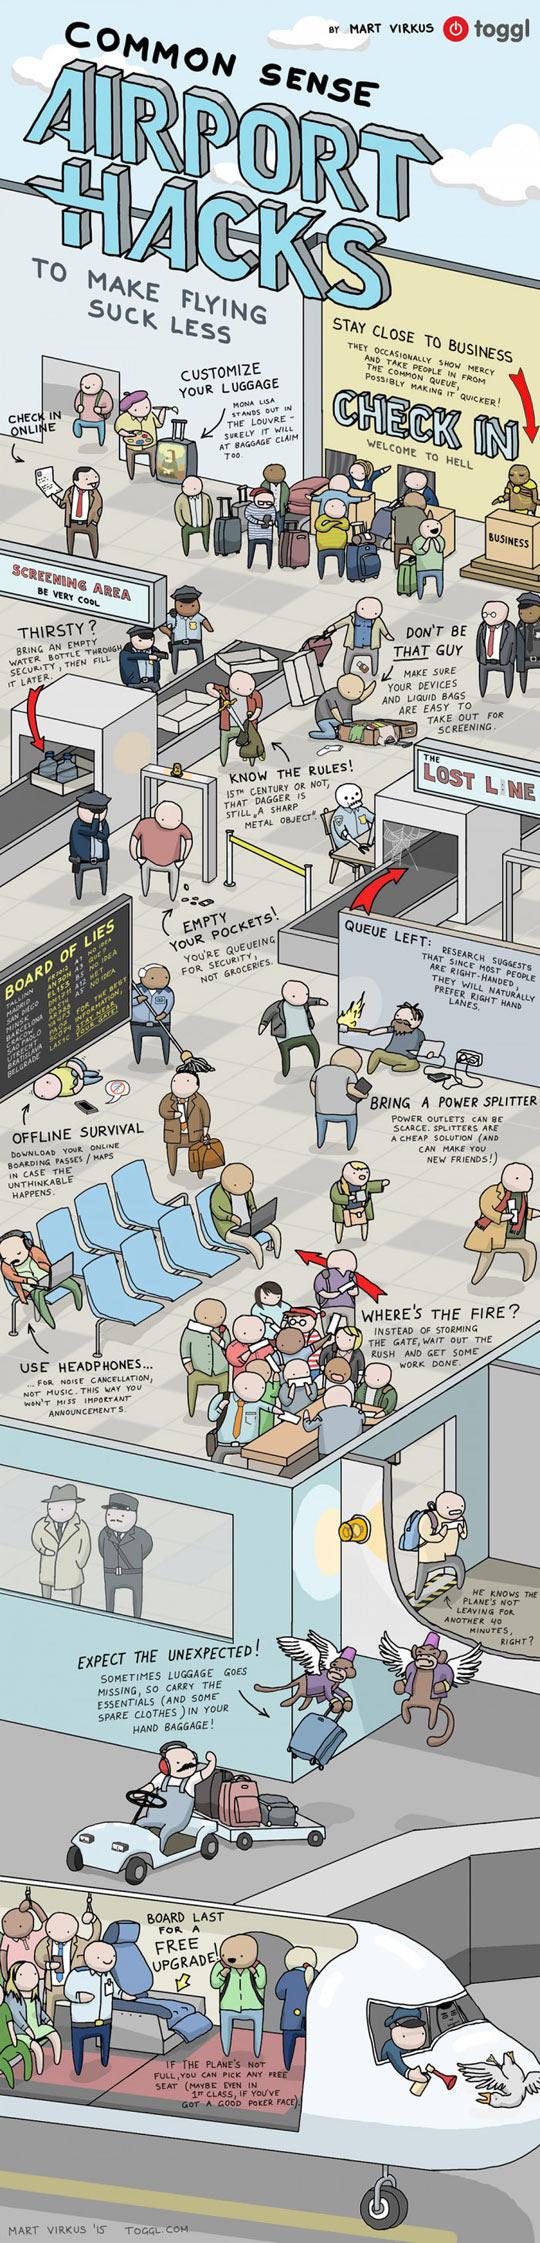 cook-Airport-flight-hacks-tips